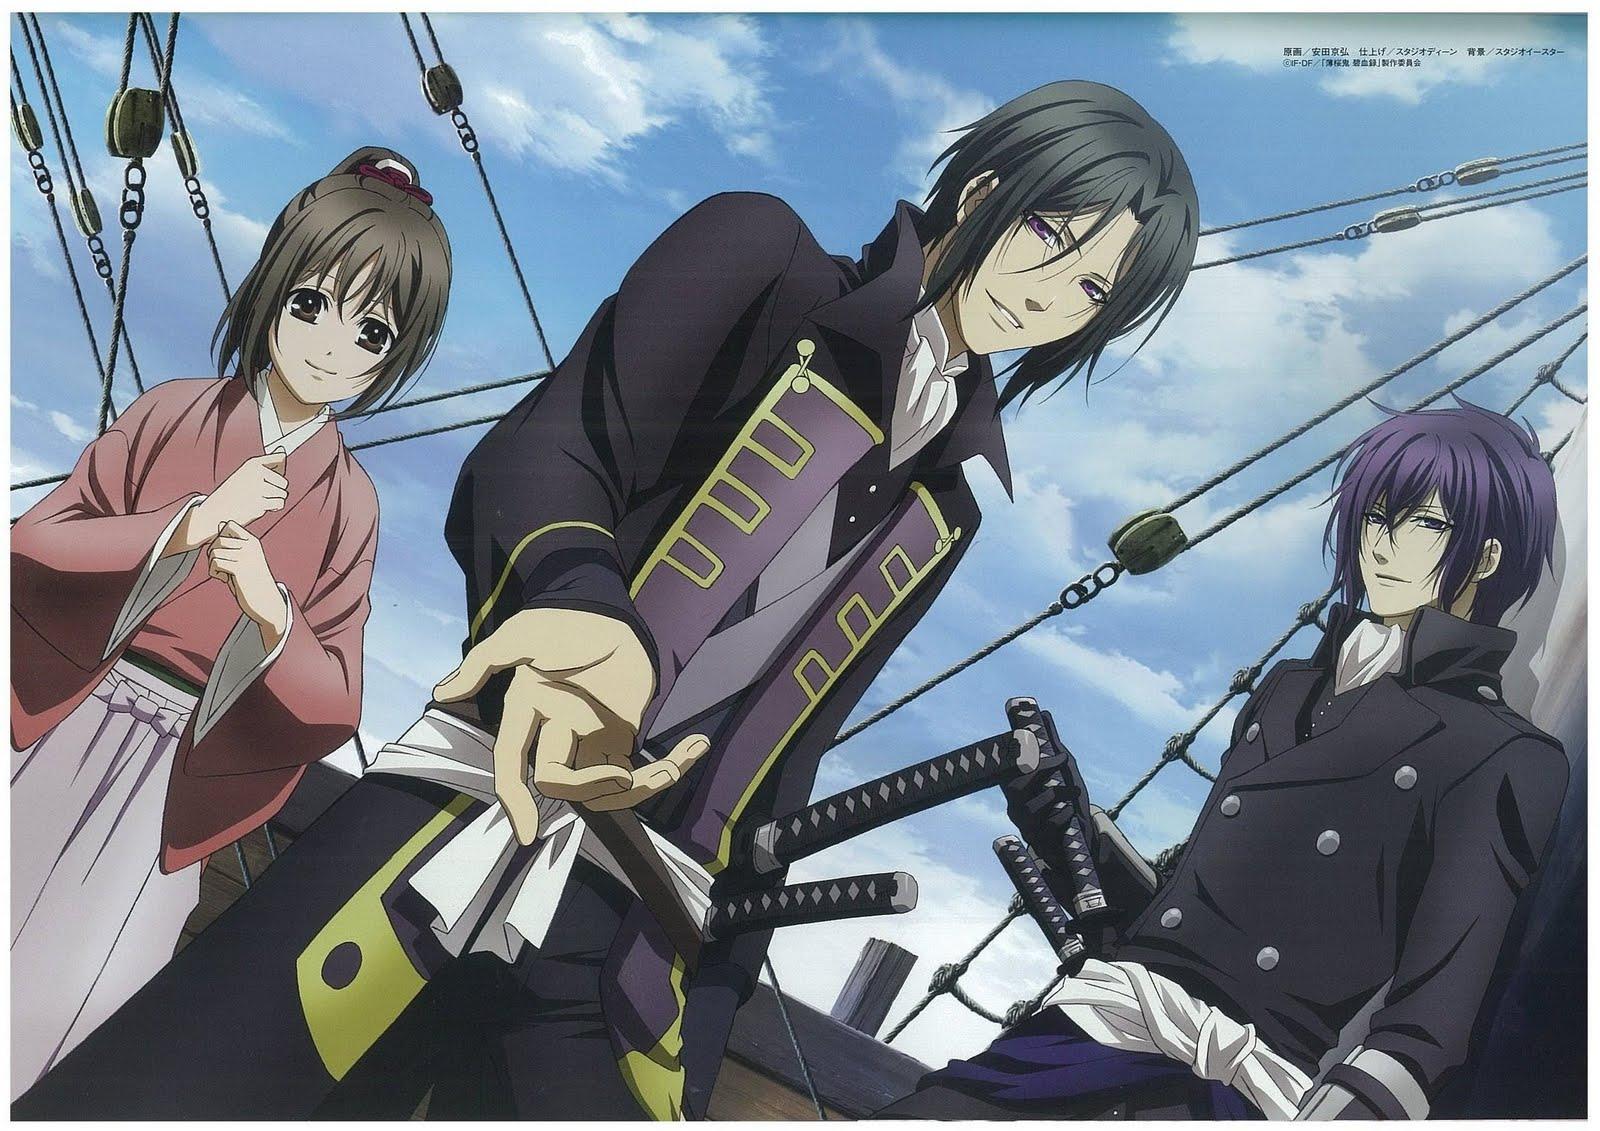 Hue Hue Anime Reviews: March 2011